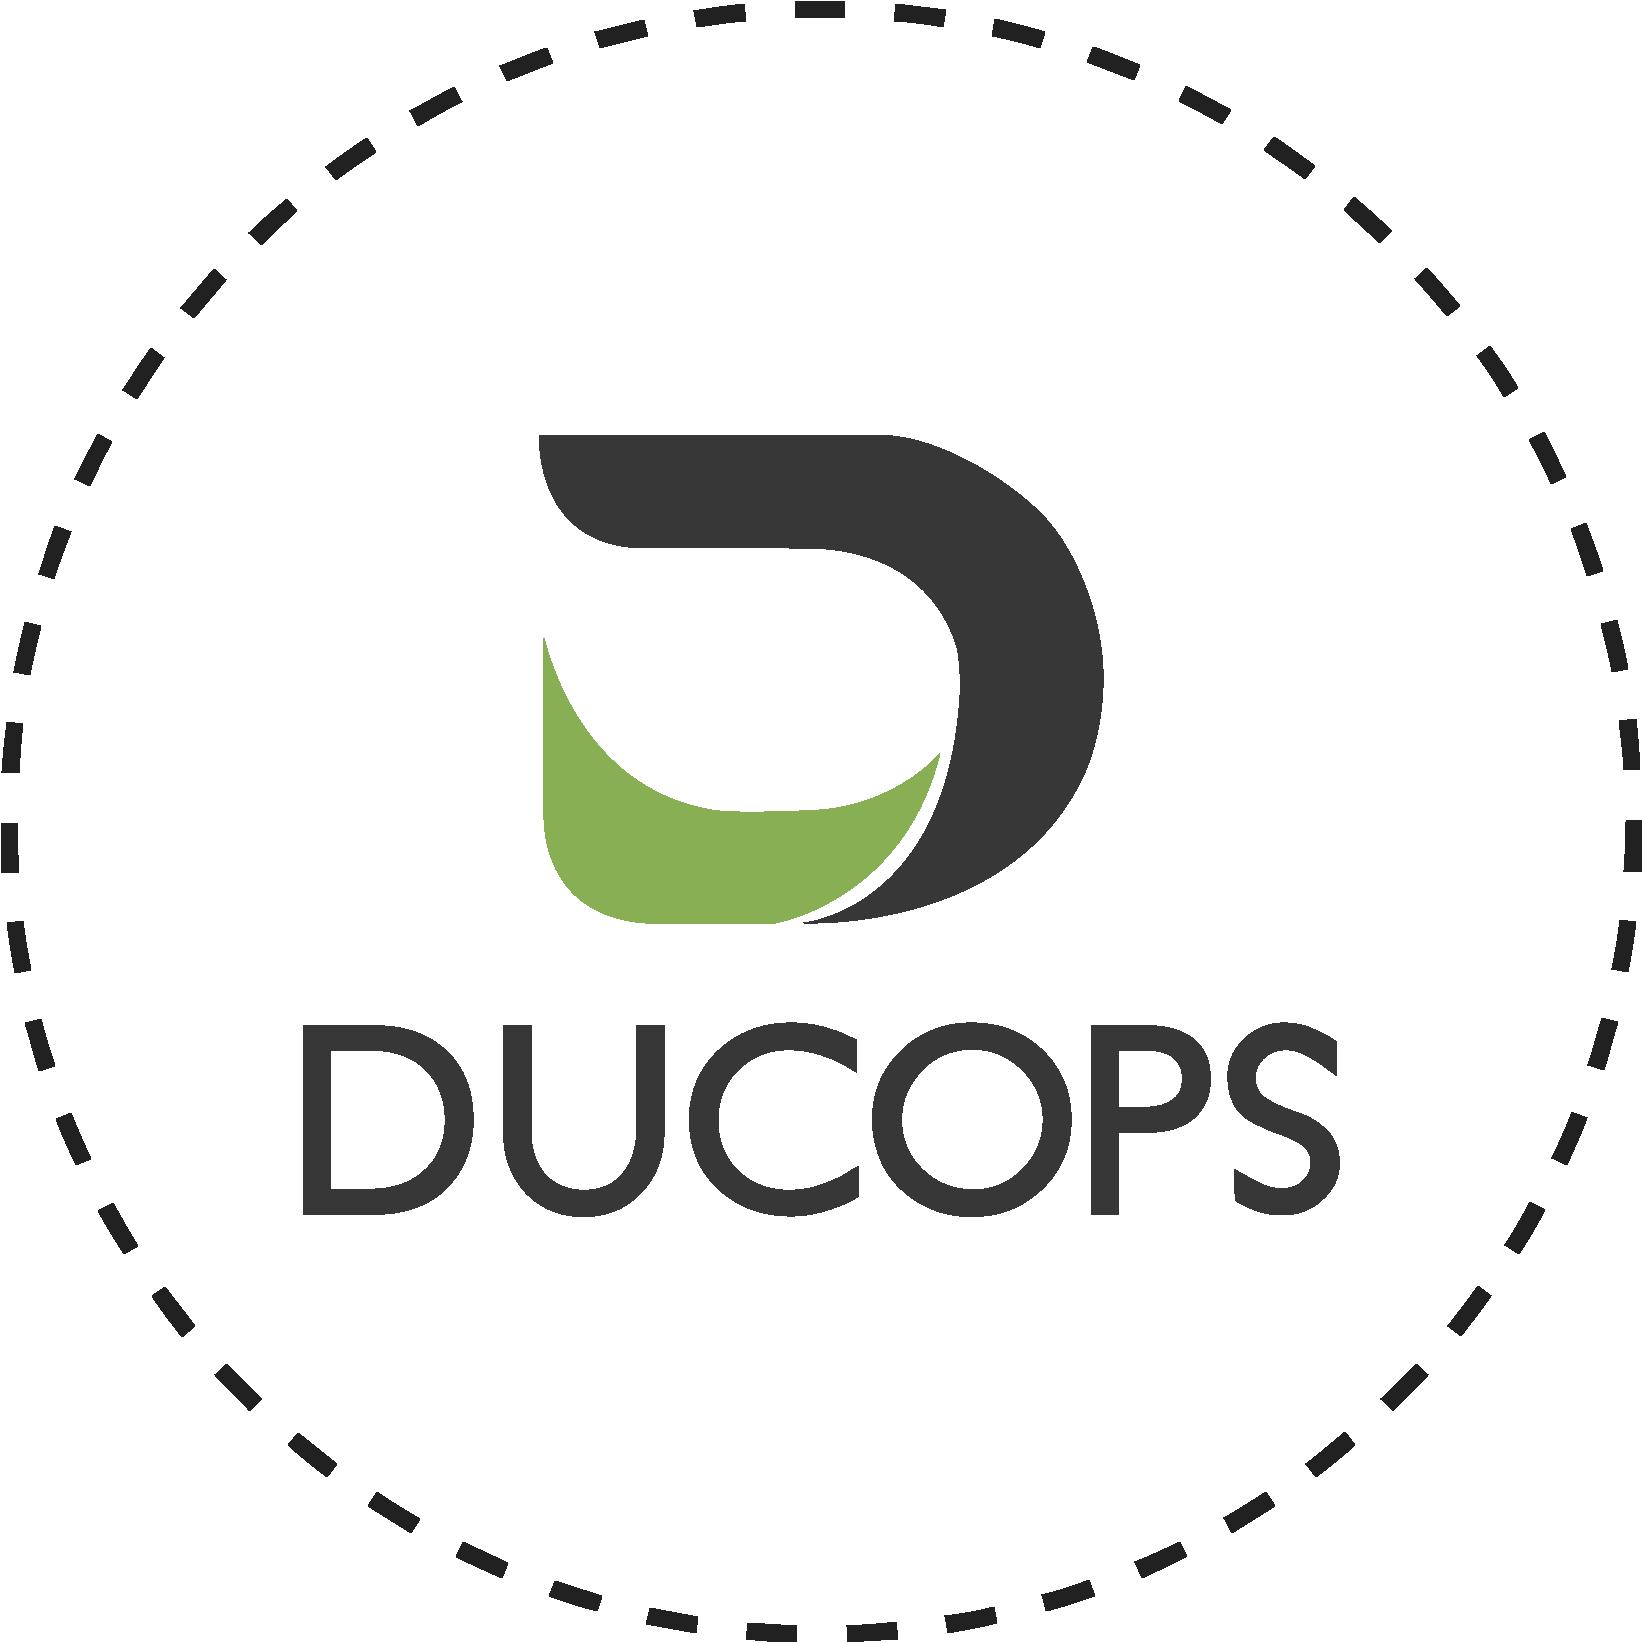 ducops-service-logo-verde